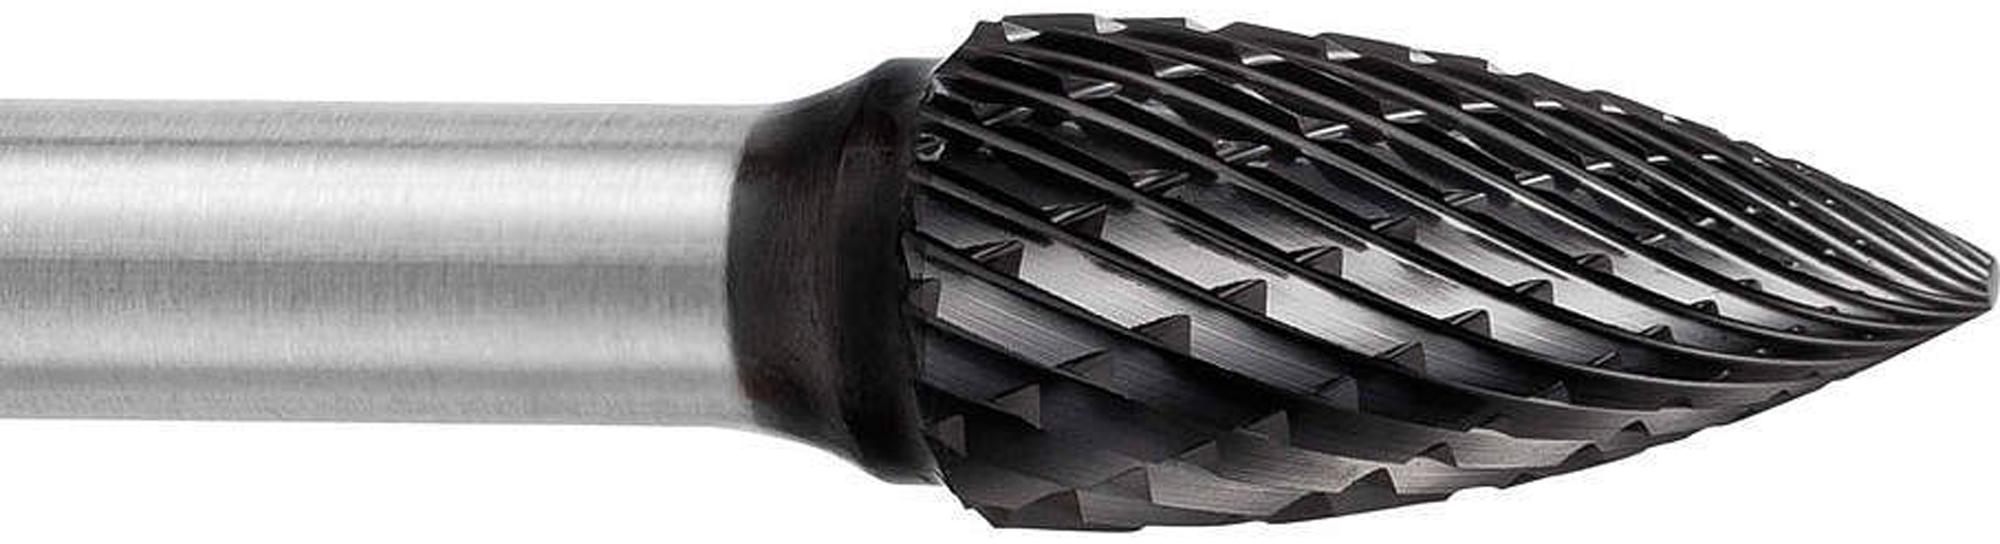 procut Hartmetallfrässtift -TiAlN beschichtet- Zylinderform ohne Stirnverzahnung